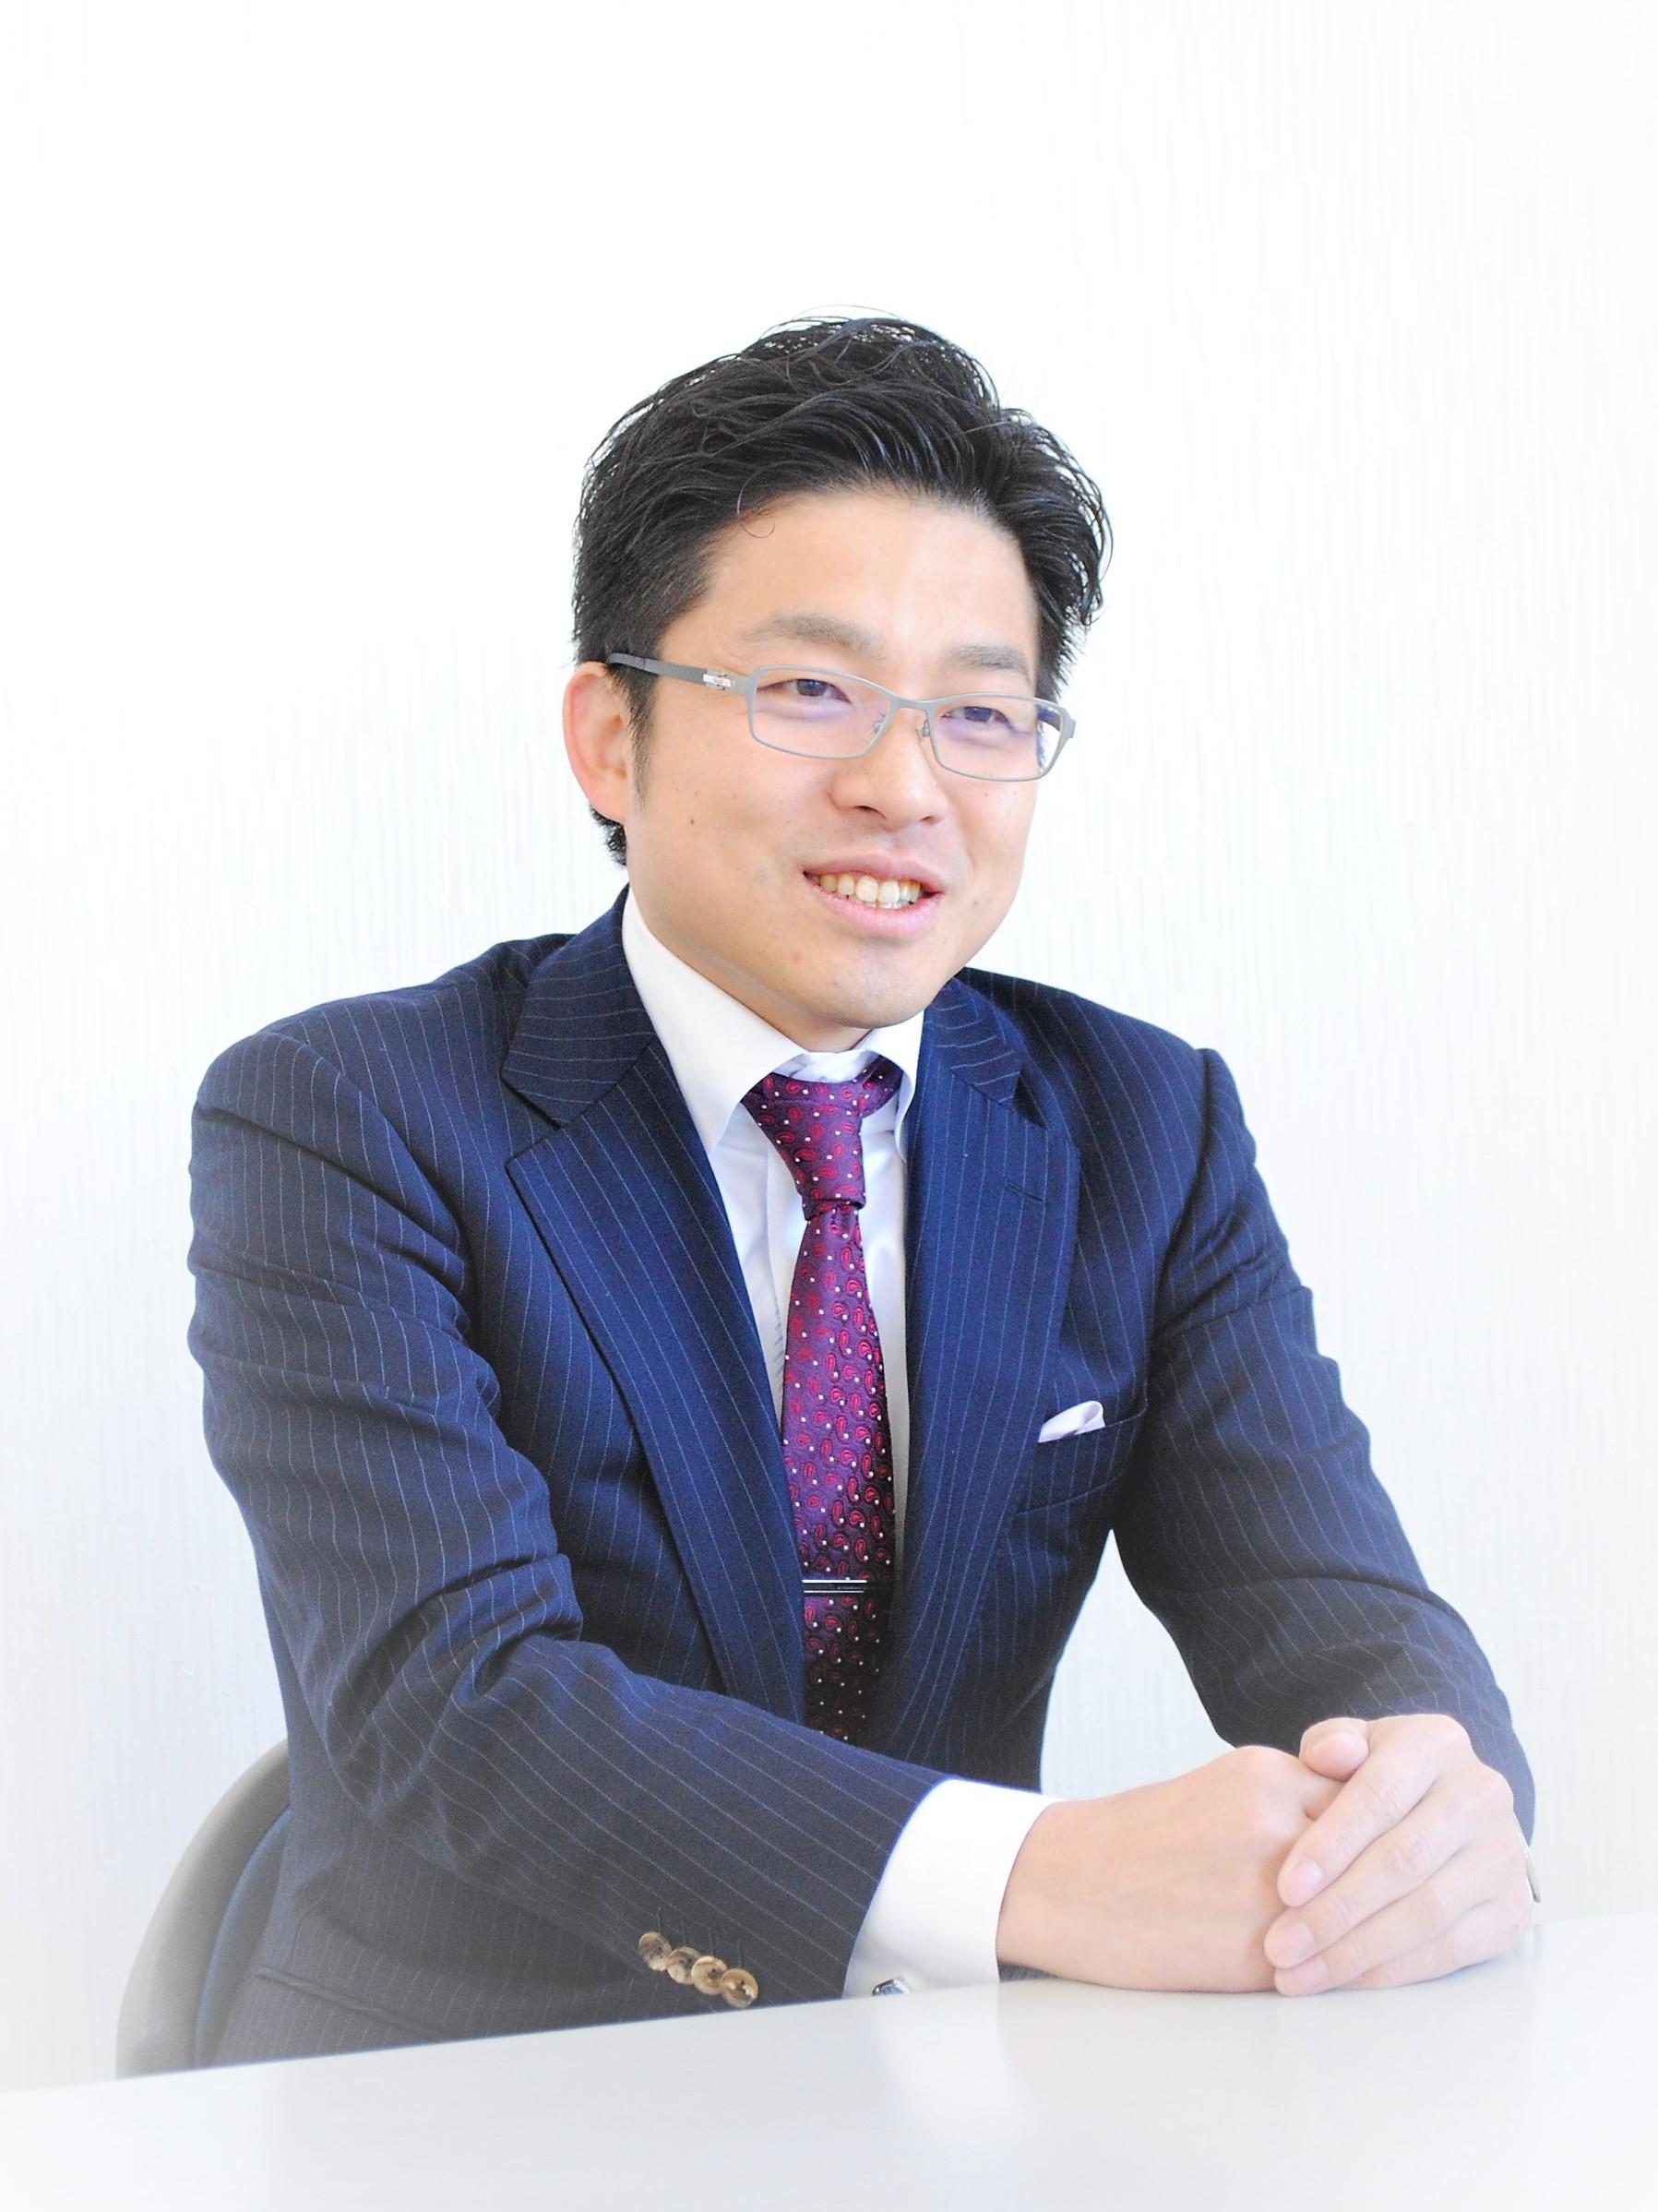 トランプコミュニケーション代表取締役社長 髙野祐平